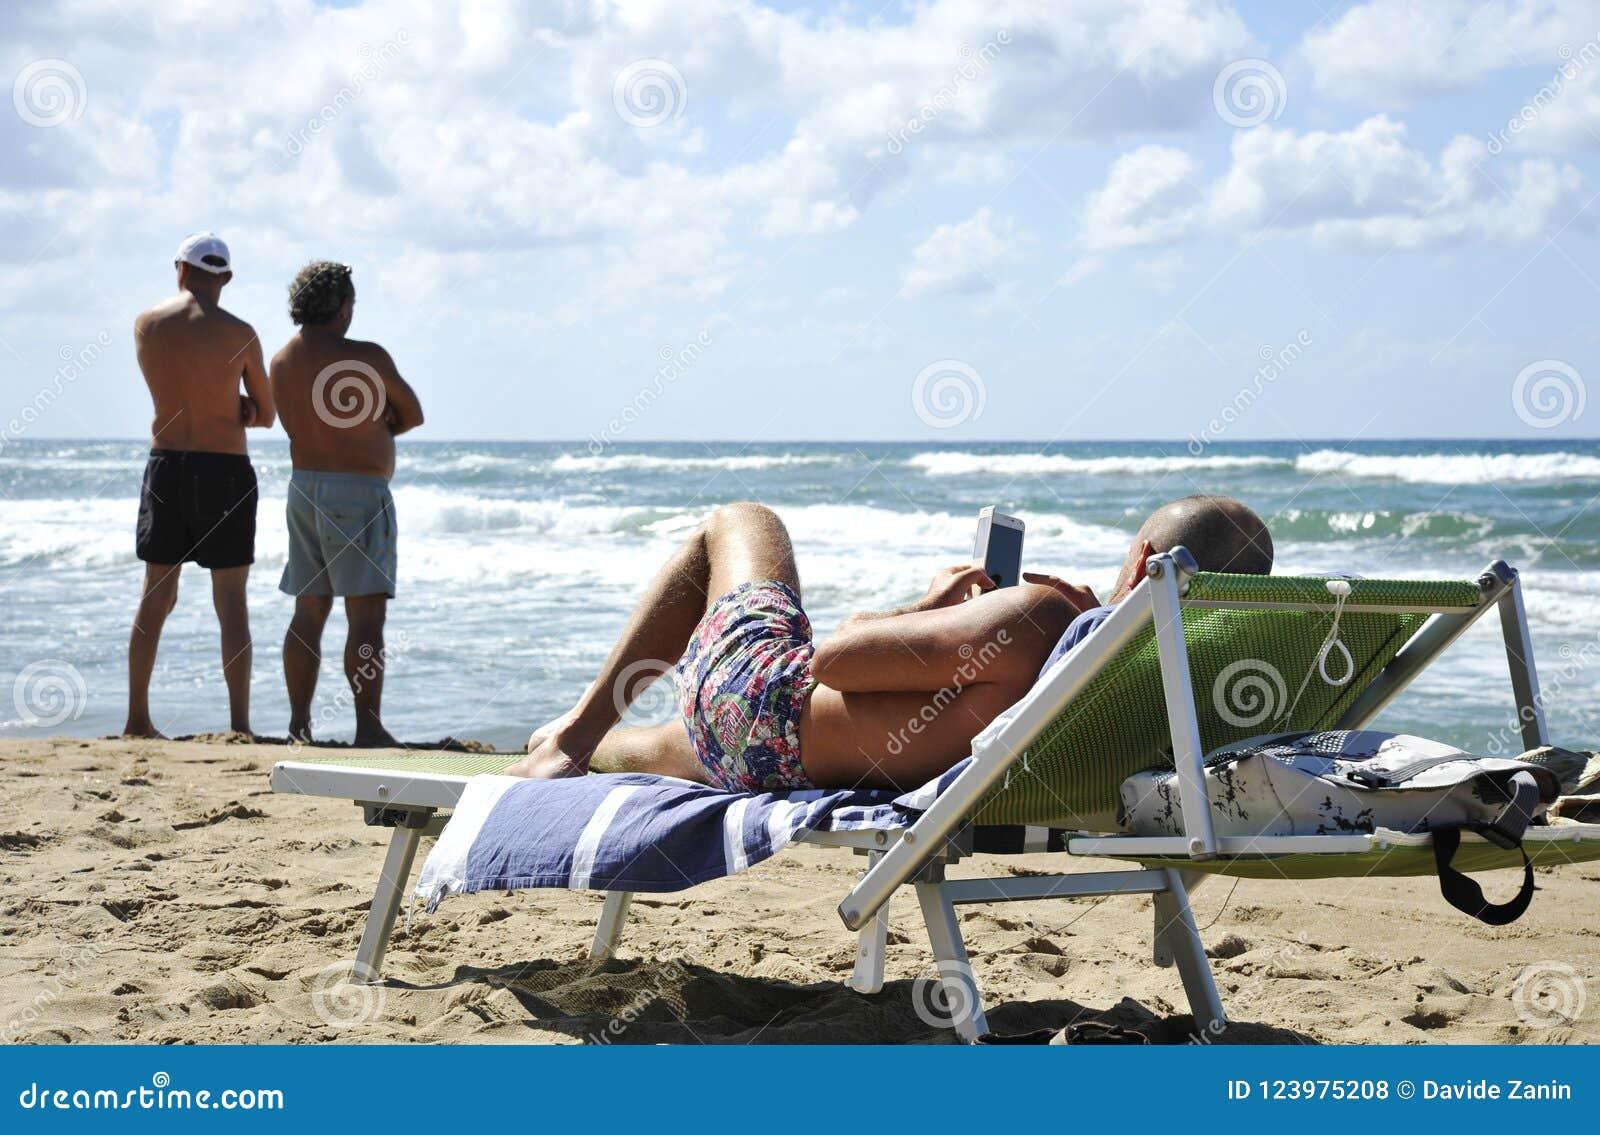 Deux types de contemplation de notre âge technologique Un homme simple contemple son smartphone tandis que deux amis contemplent